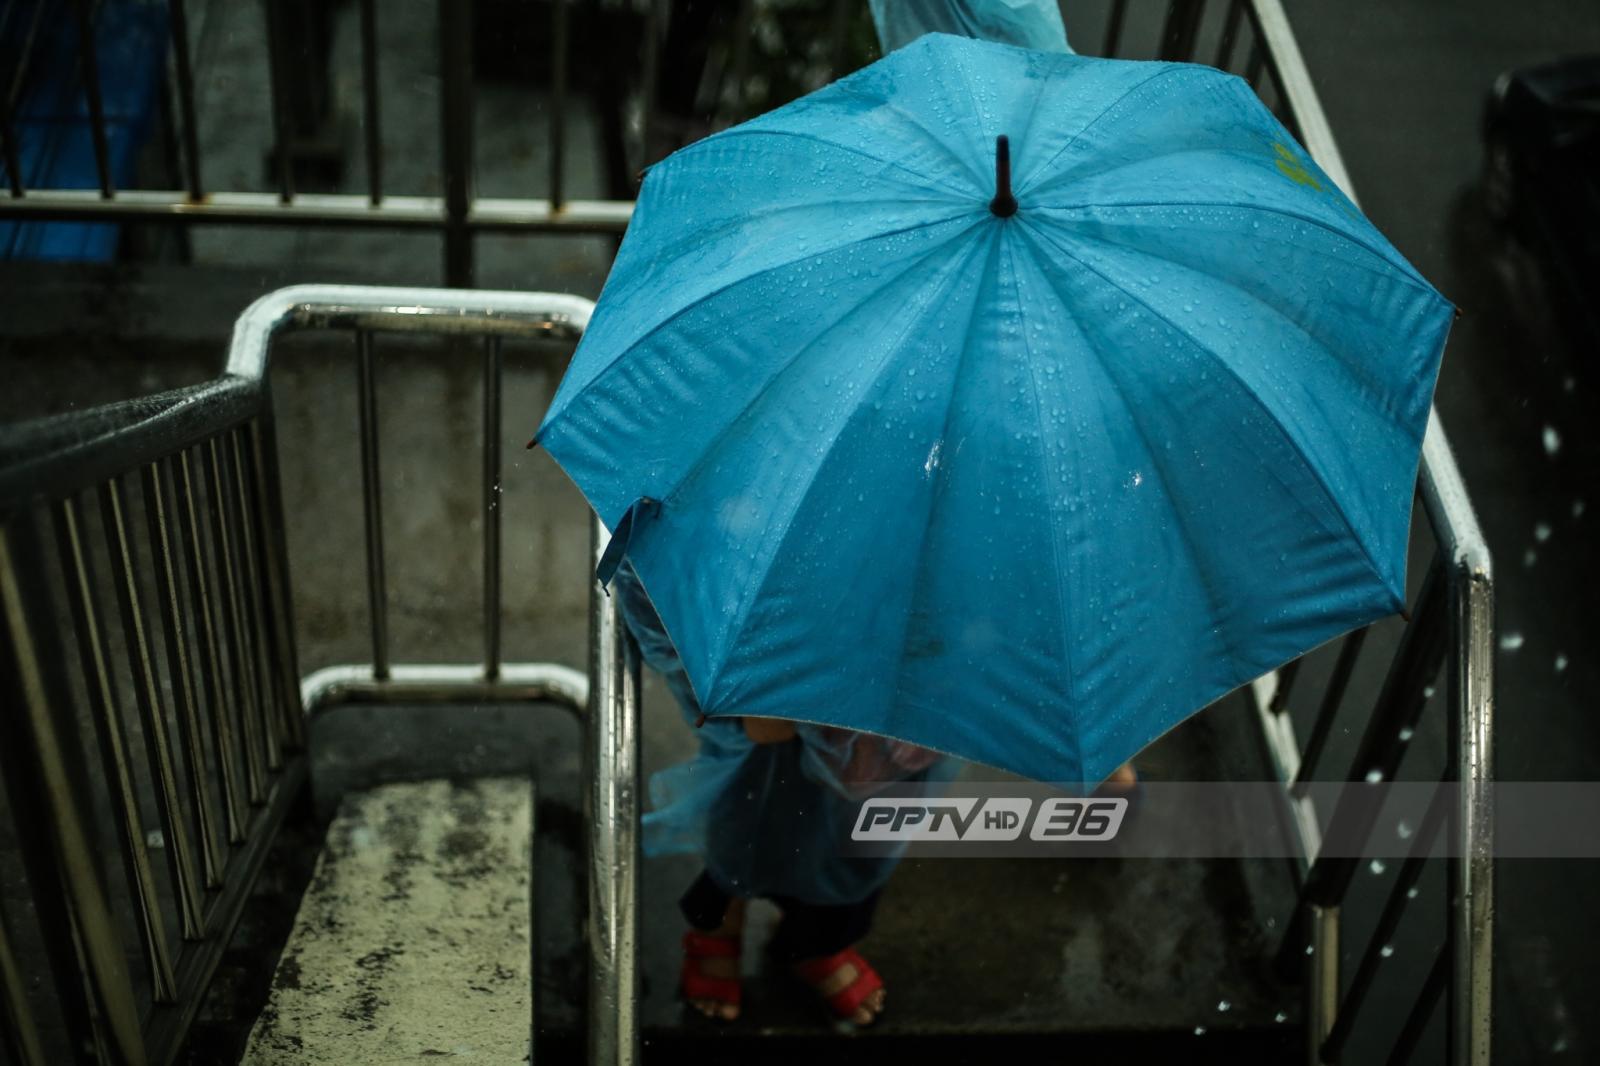 อุตุฯ ชี้ฝนยังตก-กทม.อุณหภูมิต่ำสุด 23 องศาเซลเซียส